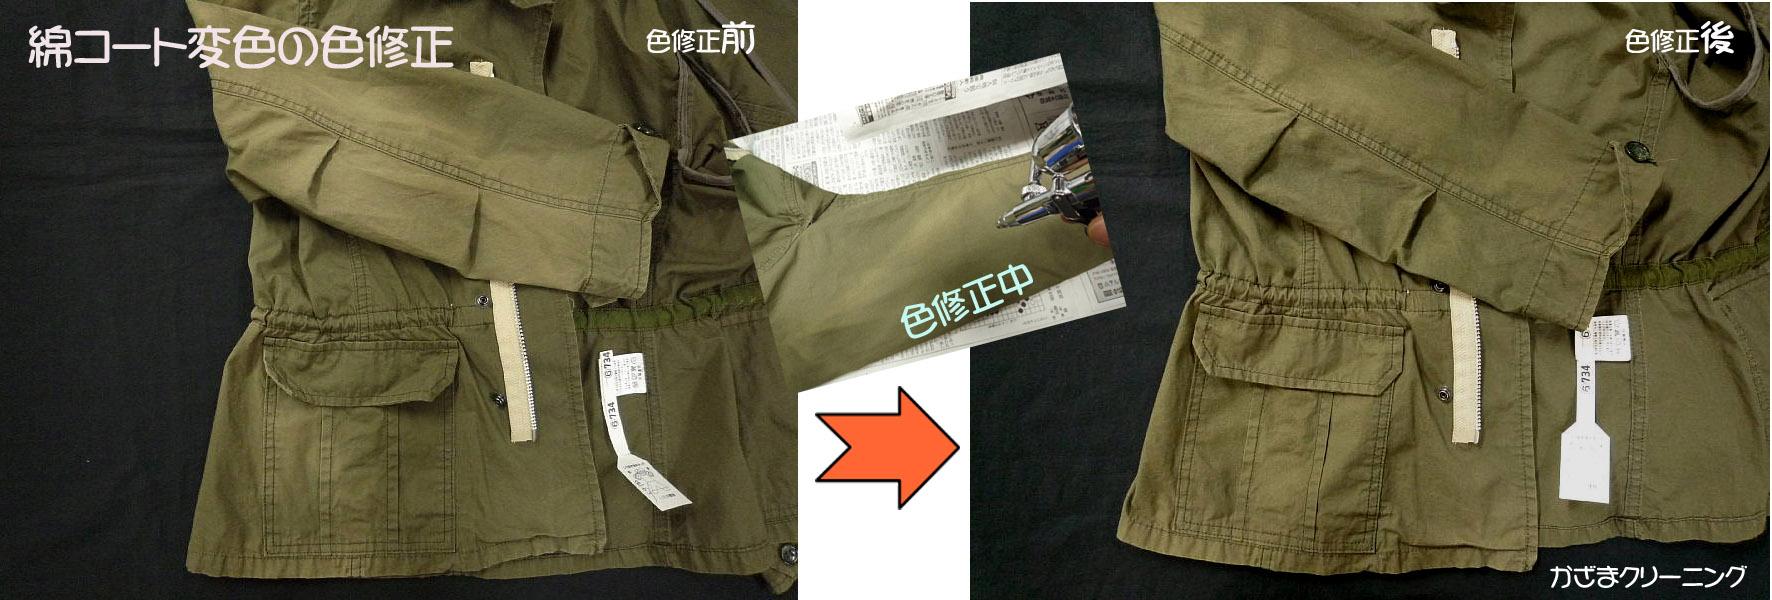 綿コート変色の色修正